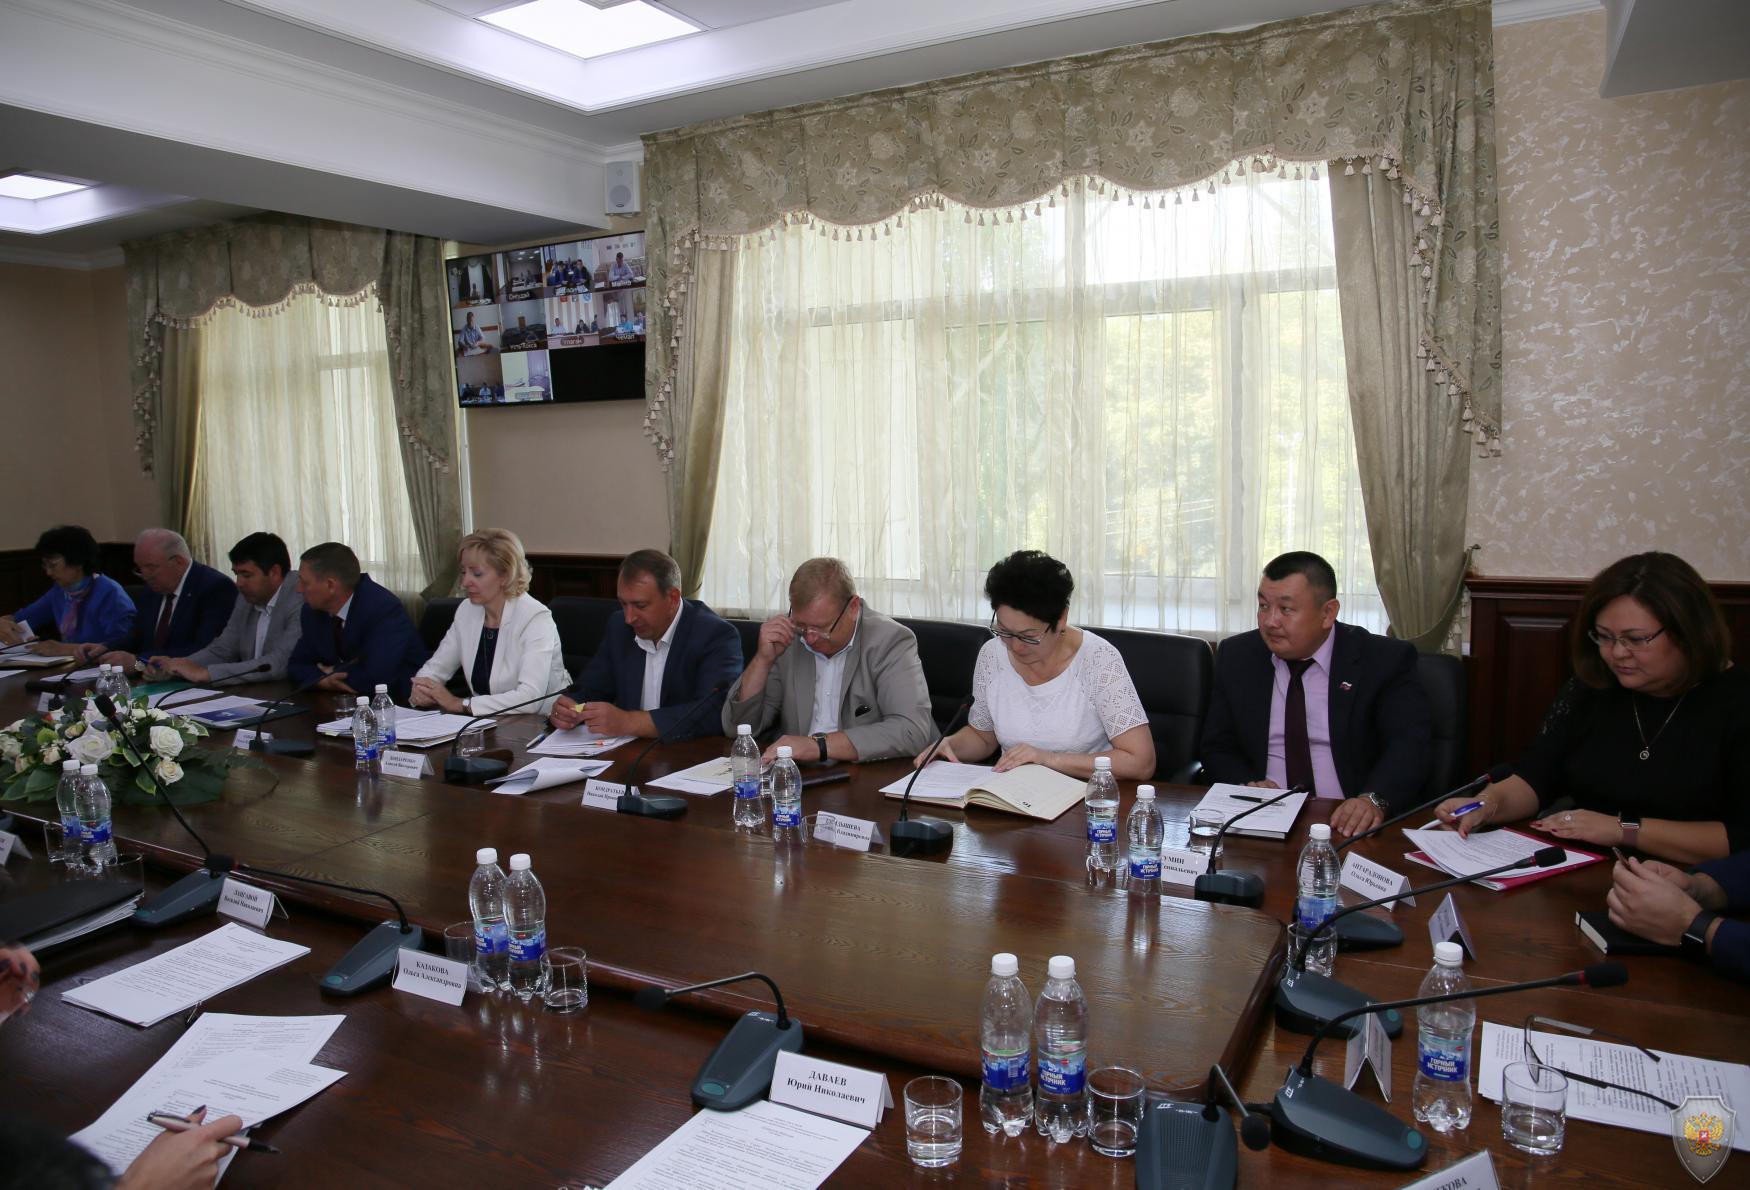 Обсуждение Положения об АТК муниципального образования и Регламента